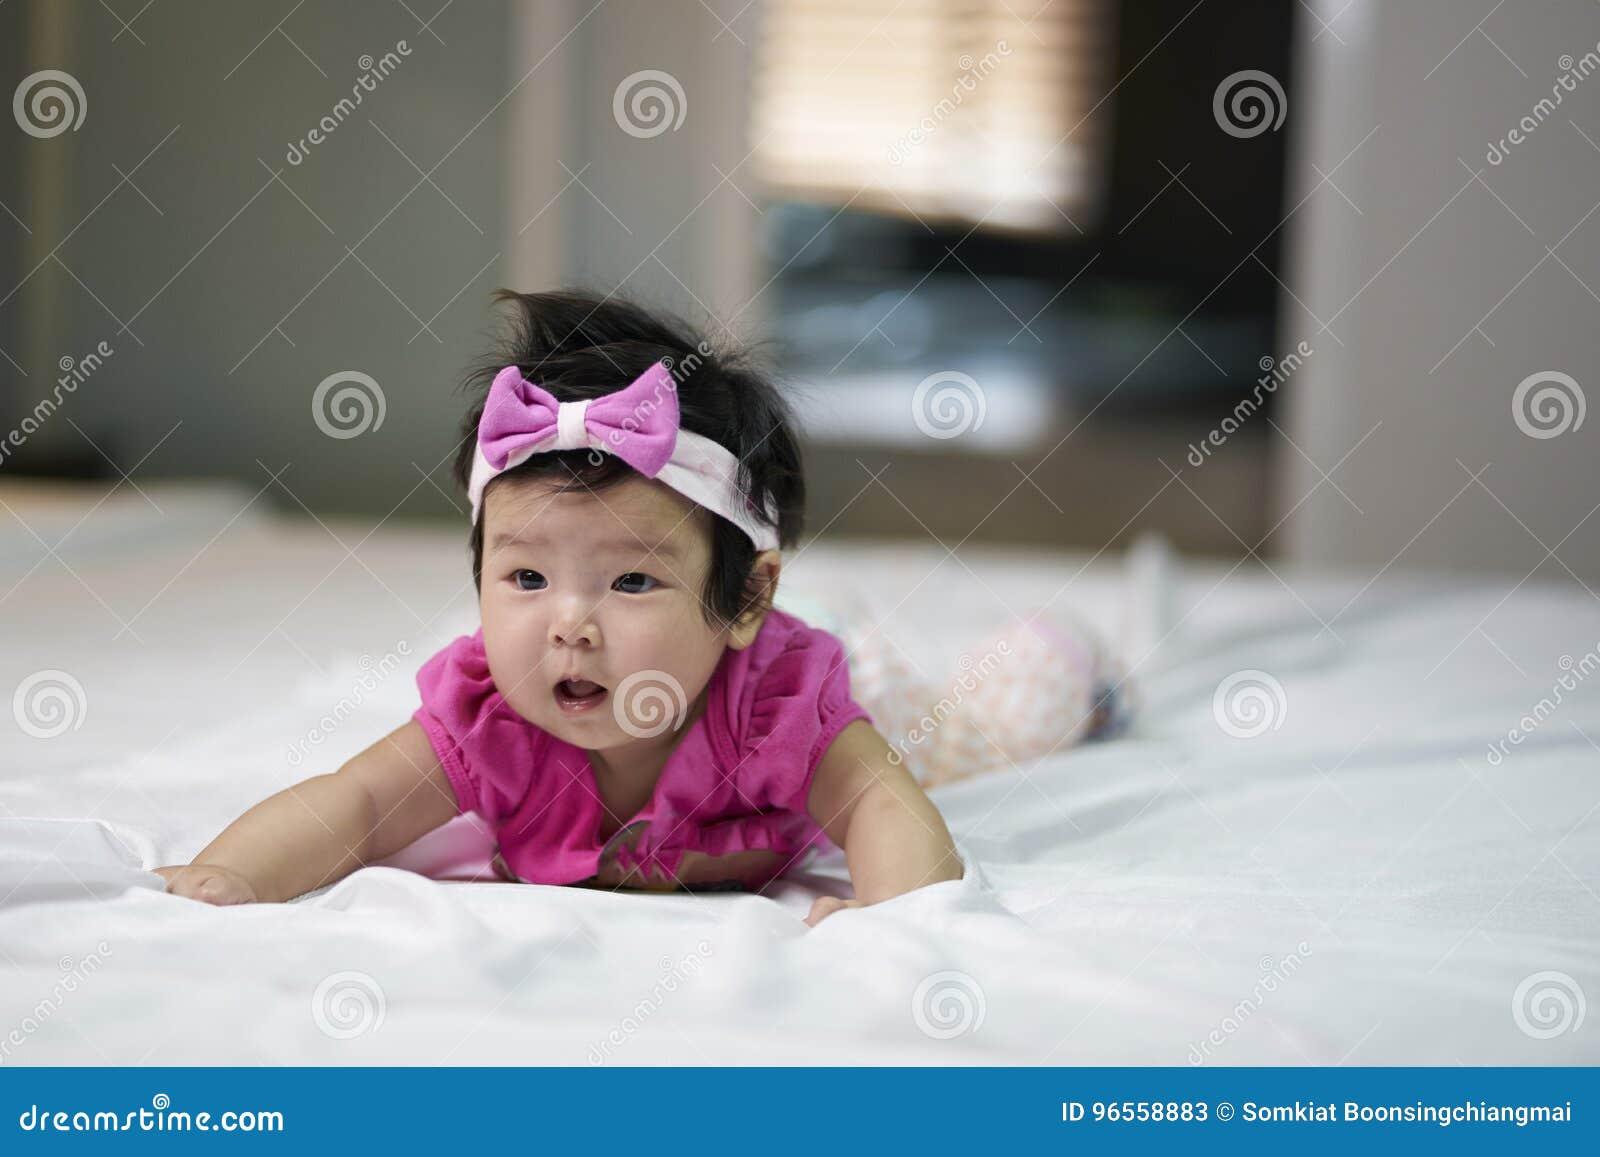 Τα χαριτωμένα παιδιά σε μια καλή διάθεση ξαπλώνουν στον καναπέ